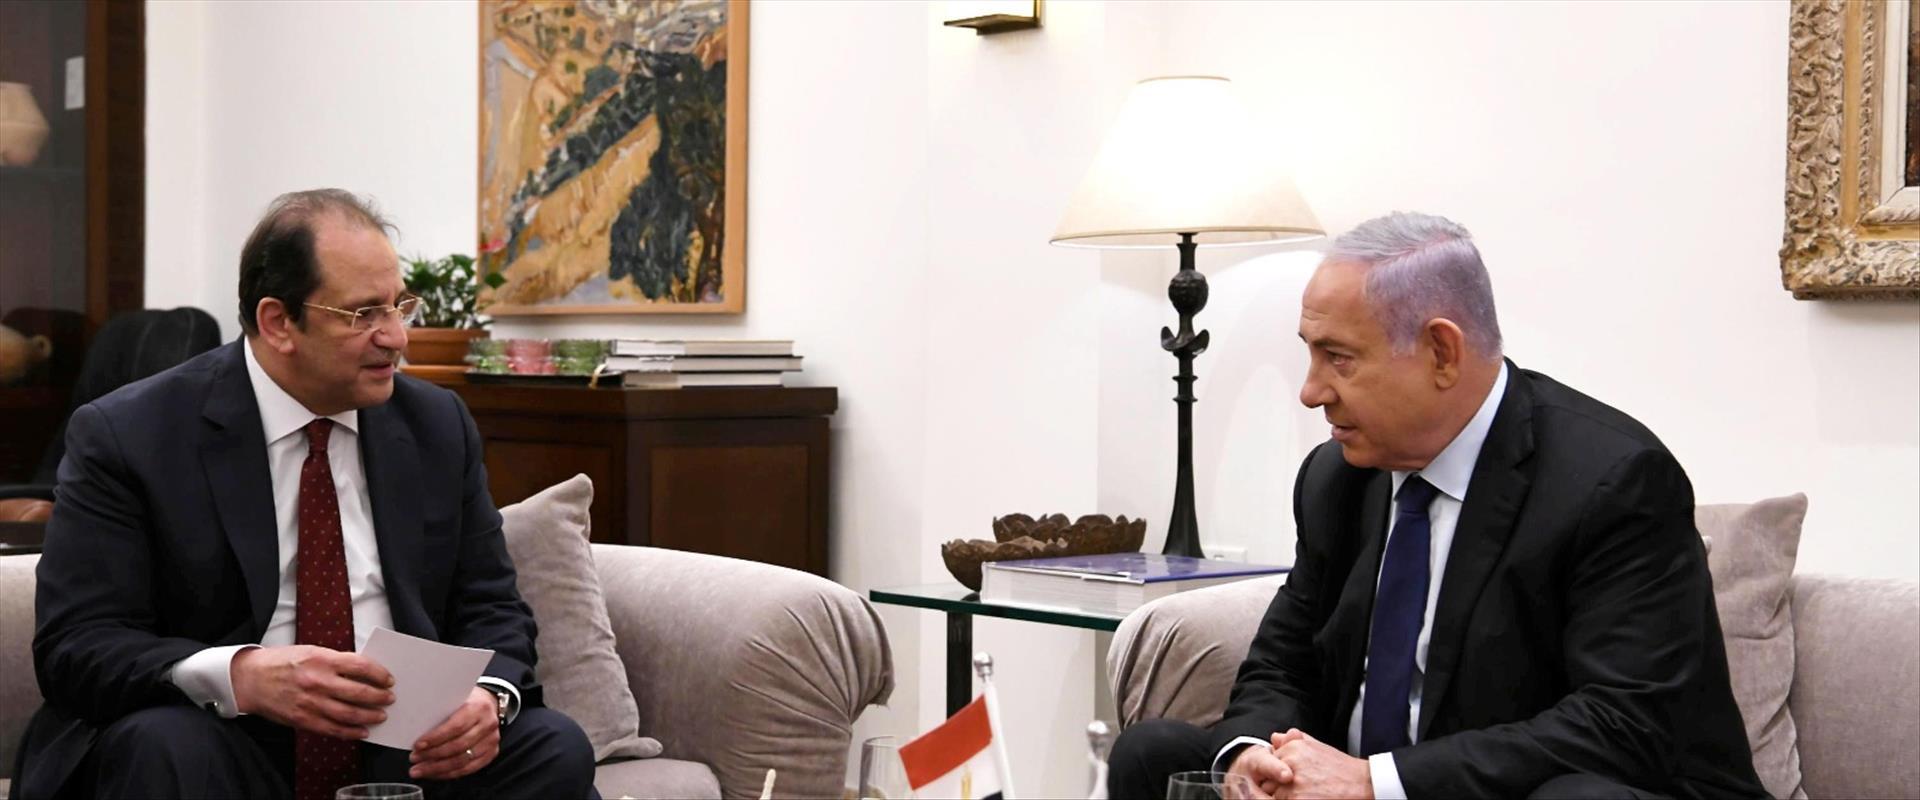 נתניהו בפגישה עם עבאס כמאל, השבוע